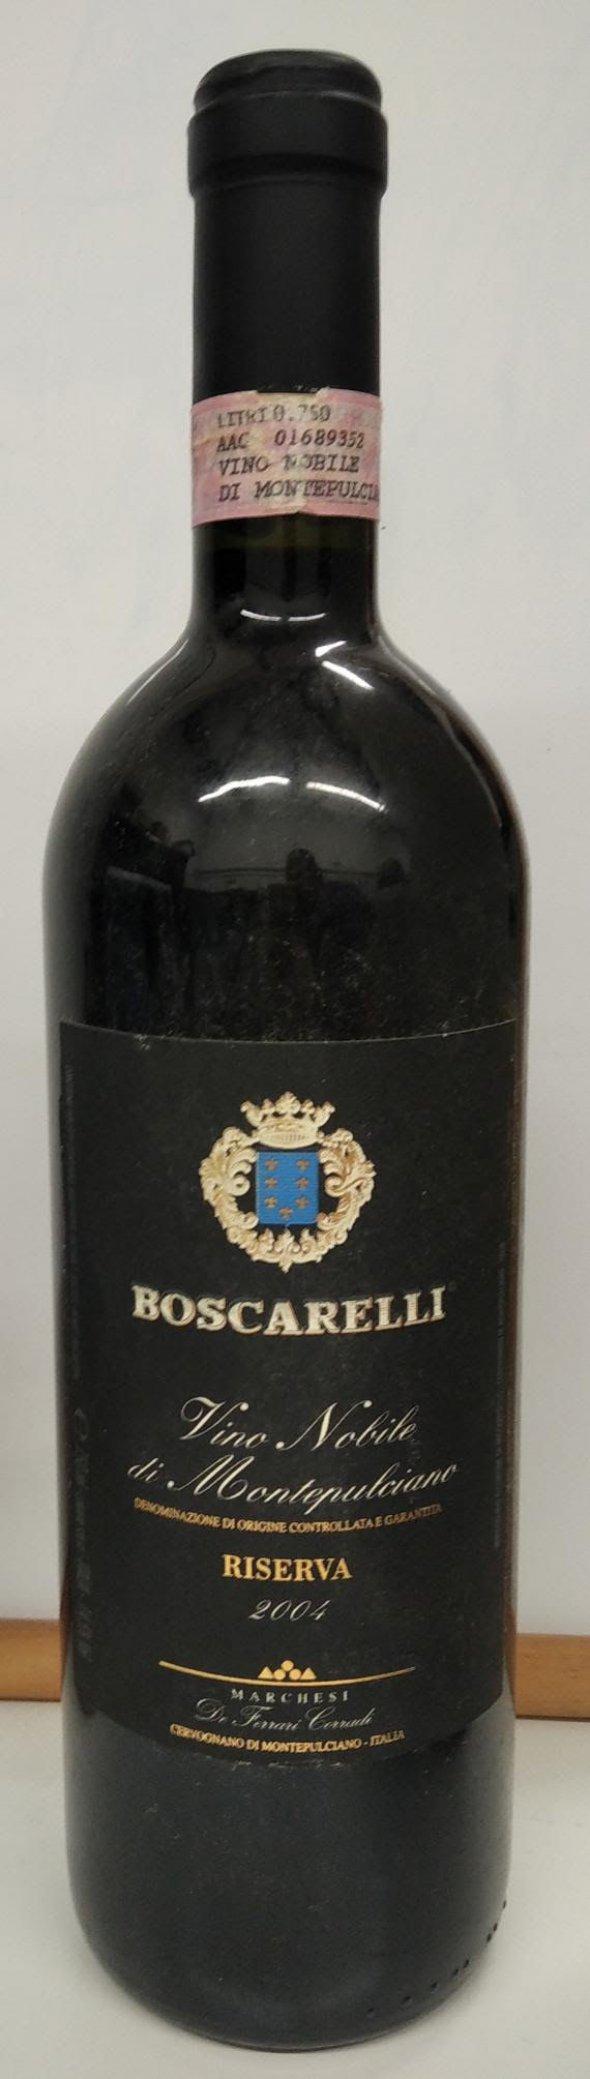 Vino Nobile di Montepulciano, Riserva, Boscarelli